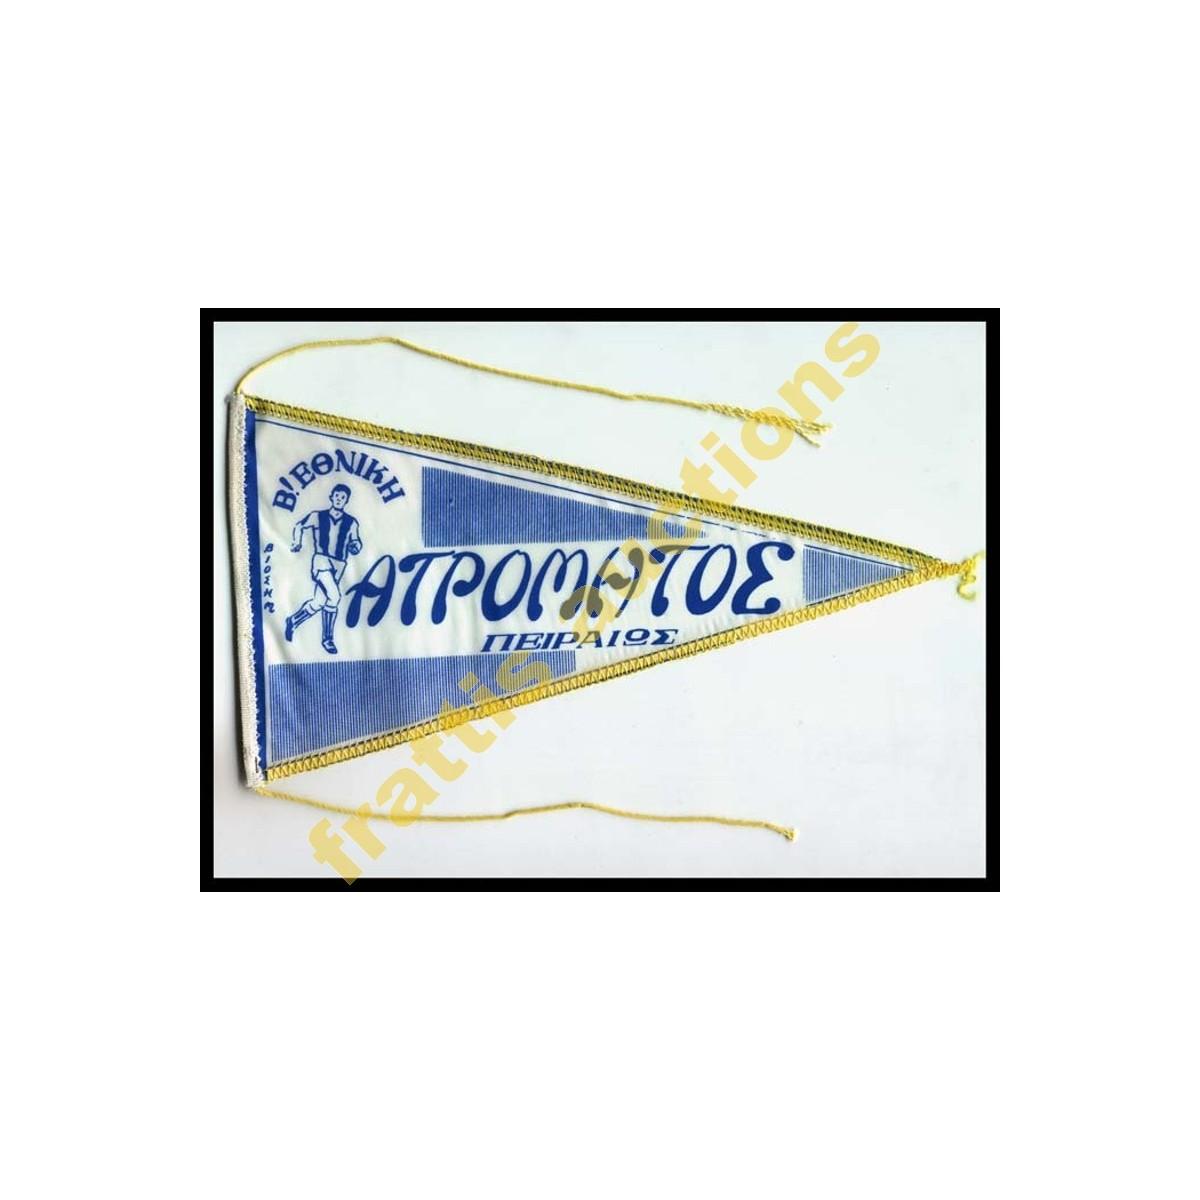 Σημαιάκι αναμνηστικό Ατρόμητος Πειραιώς.